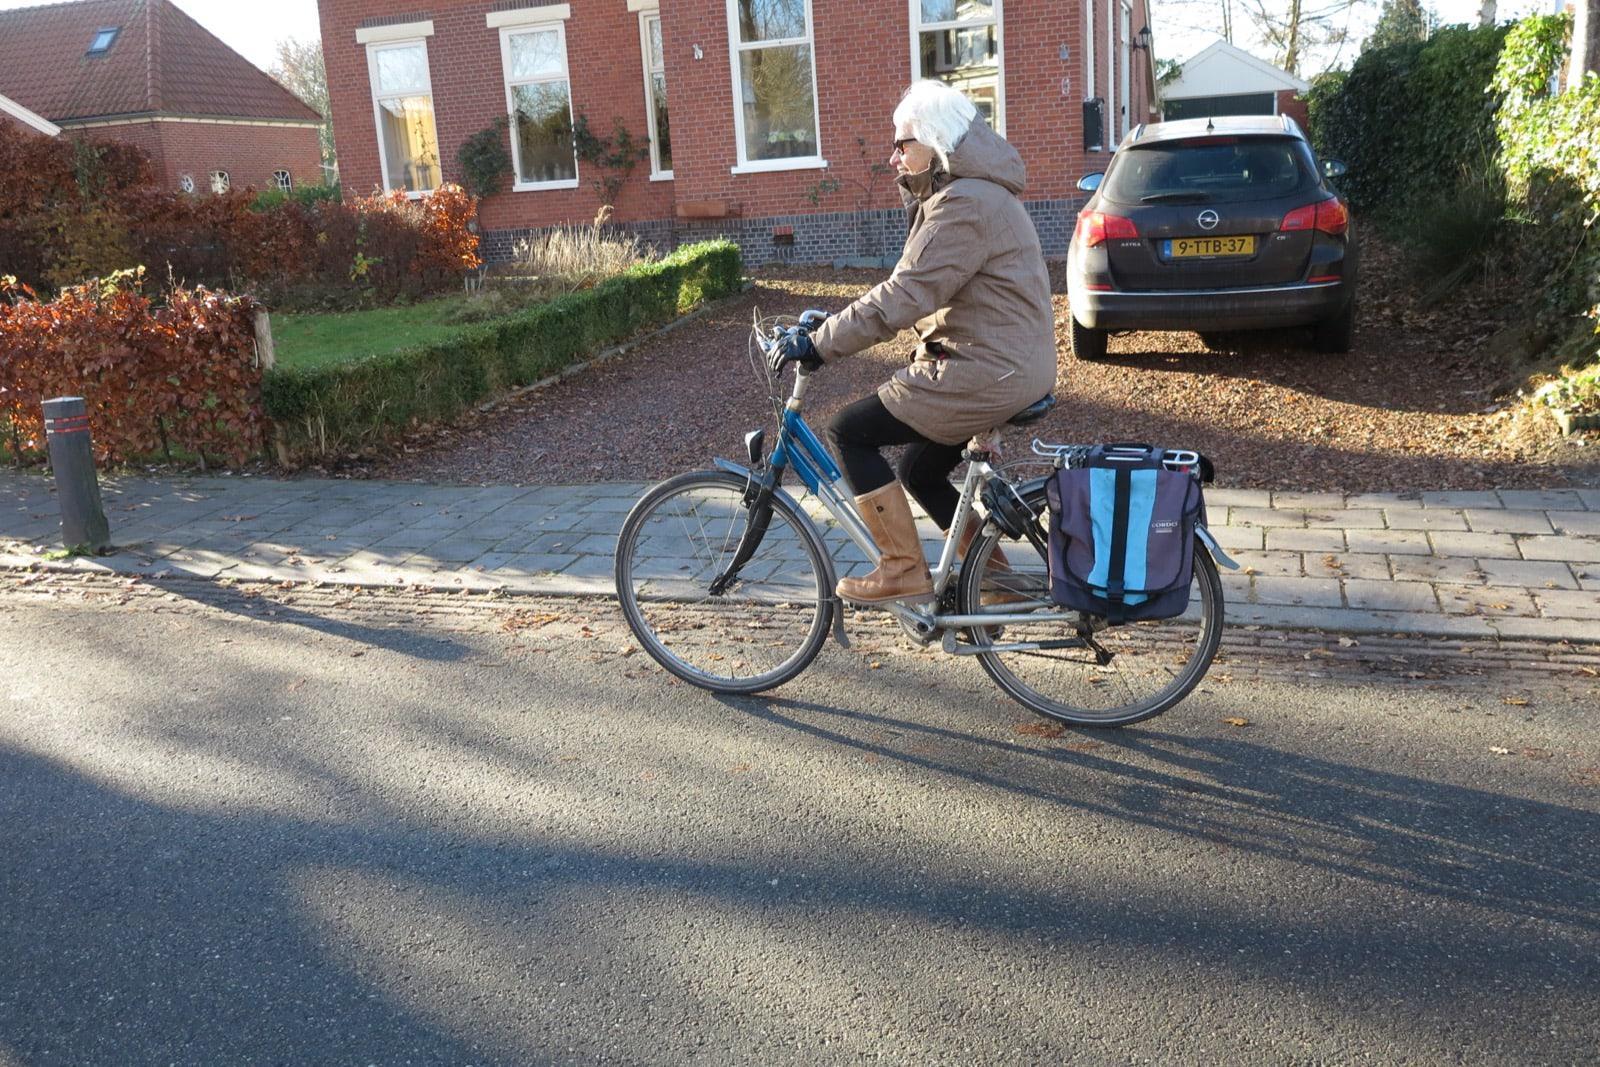 et-fiets-en-fietser-114-truus-top-bij-intocht-sint-oi.jpg